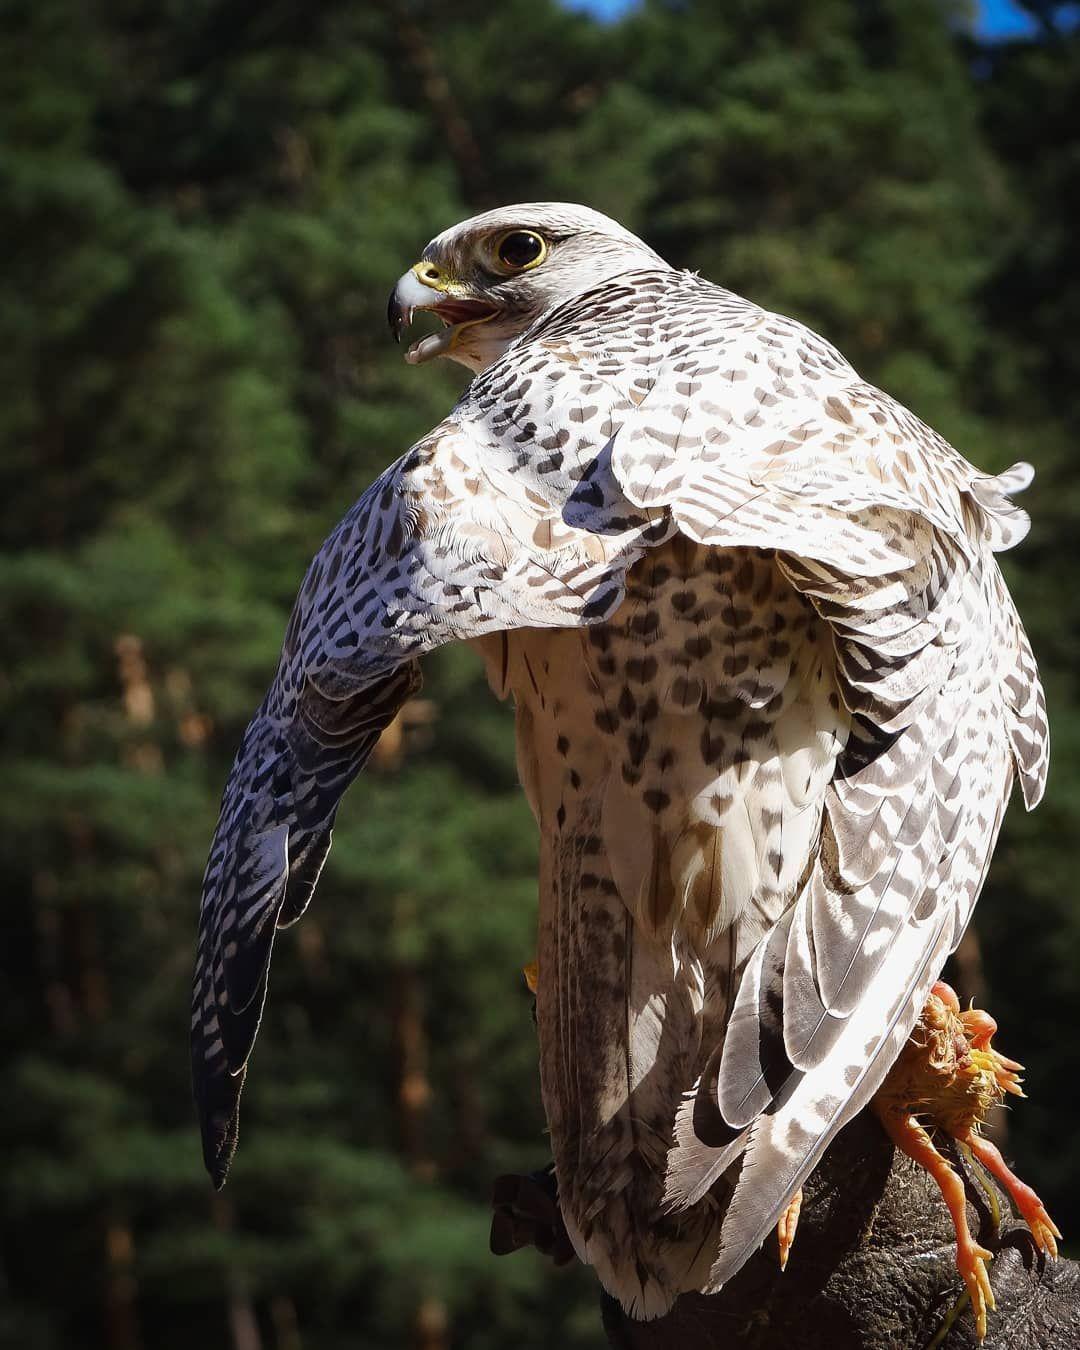 Gyrfalcon Falcon Falcons Birds Birdofprey Birdsofprey Photography Photographer Photo Capture Nikon Niko Falcon Art Animal Photography Birds Of Prey